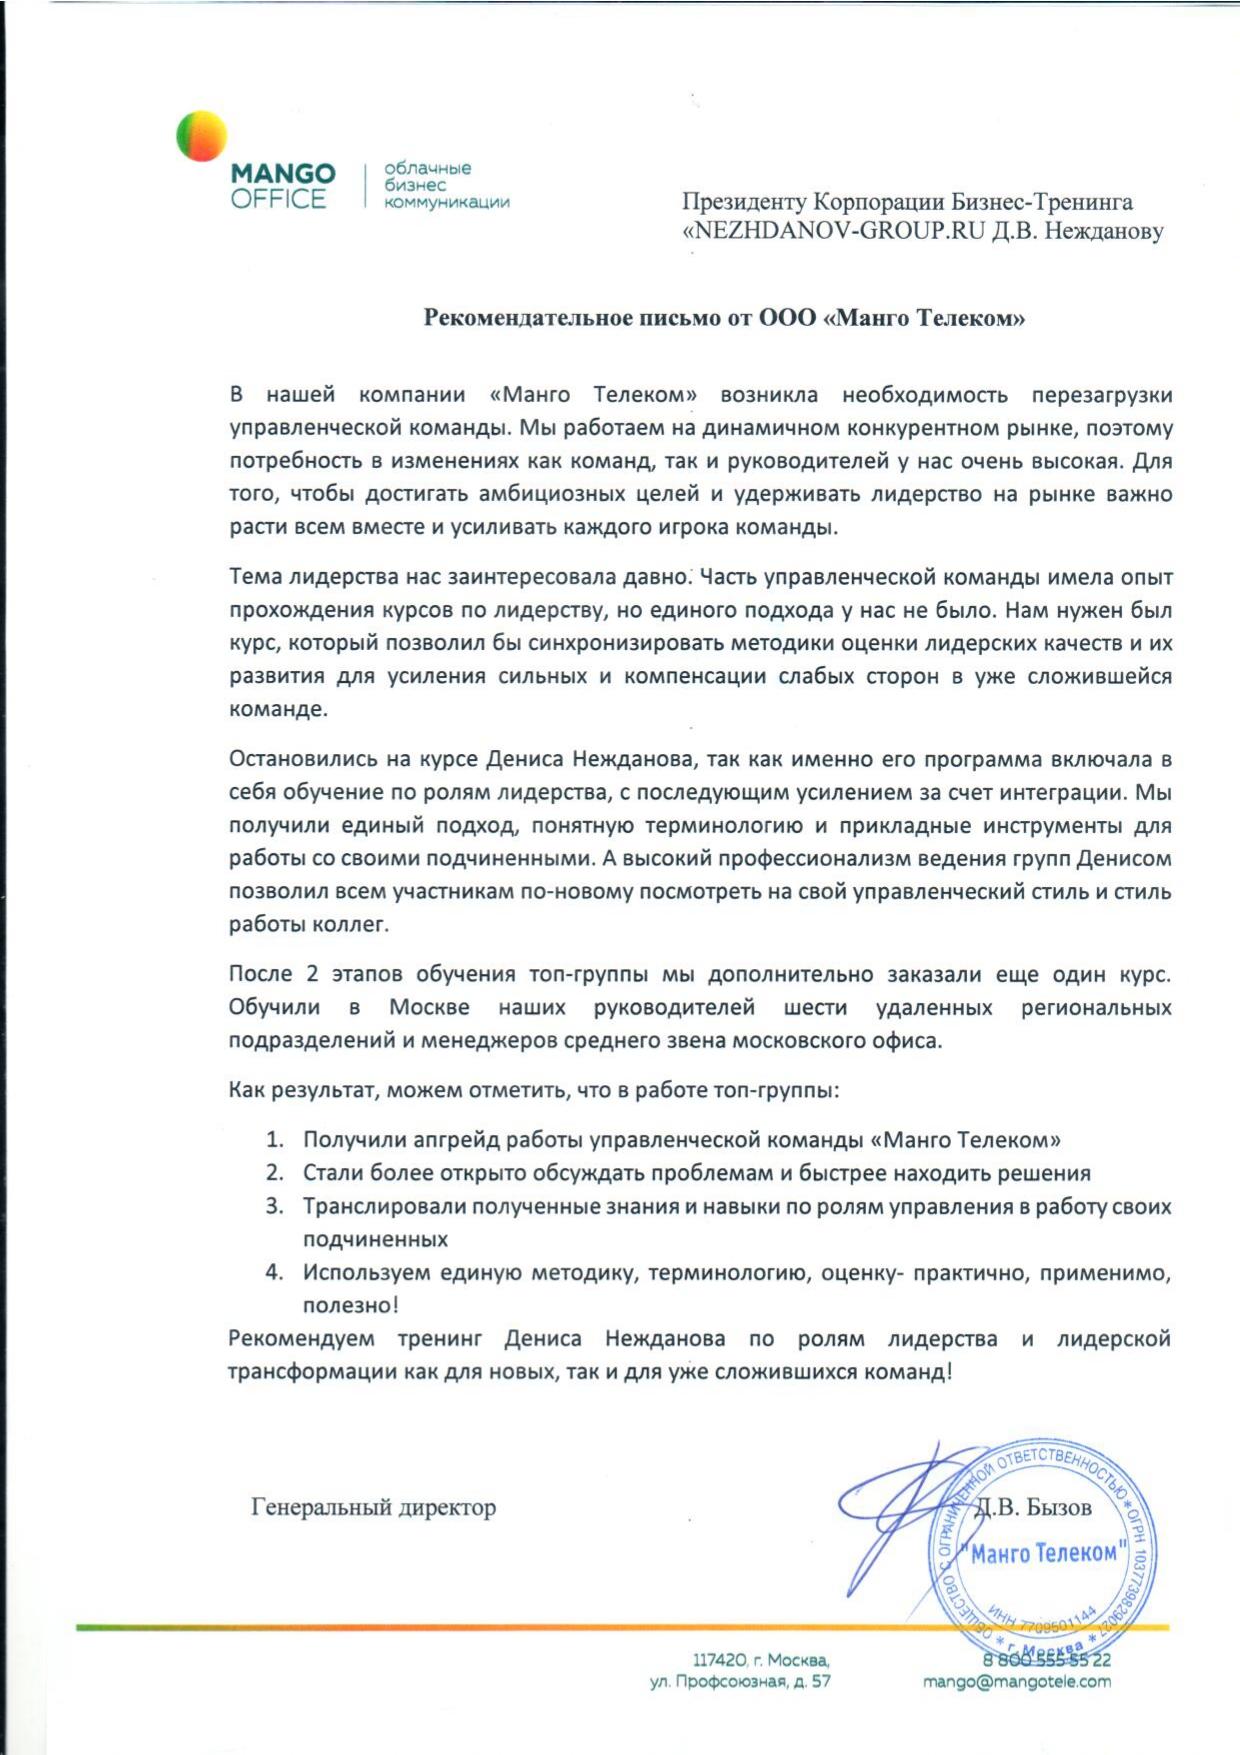 Рекомендательное письмо ООО Манго Телеком_page-0001